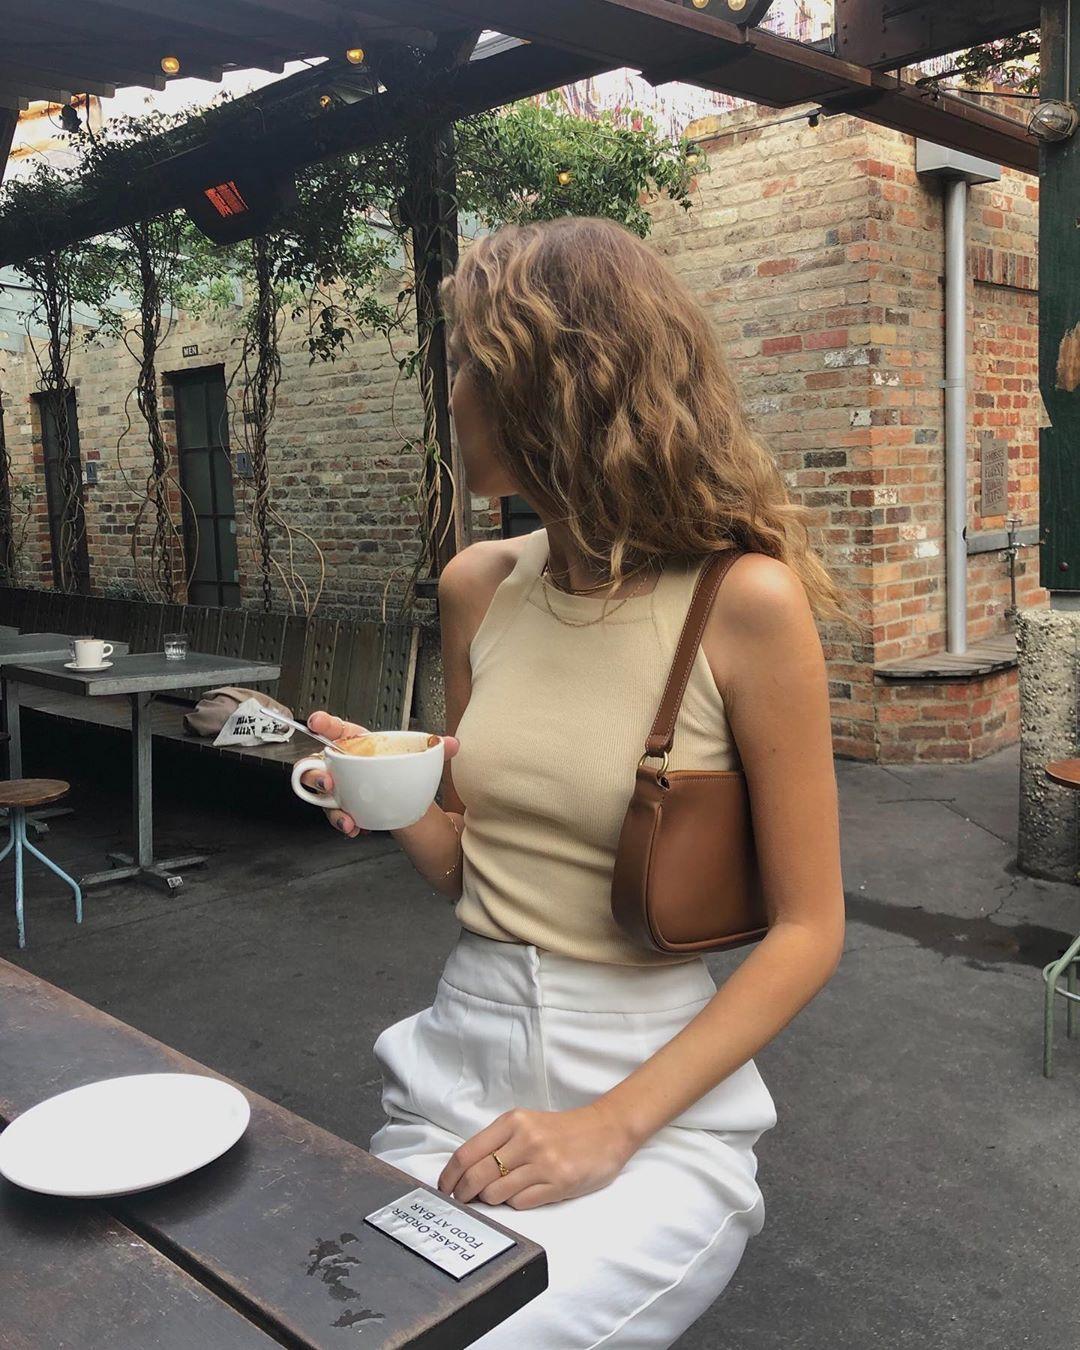 7 tenues d'été à jeter quand vous ne pouvez pas penser   – Style/Looks